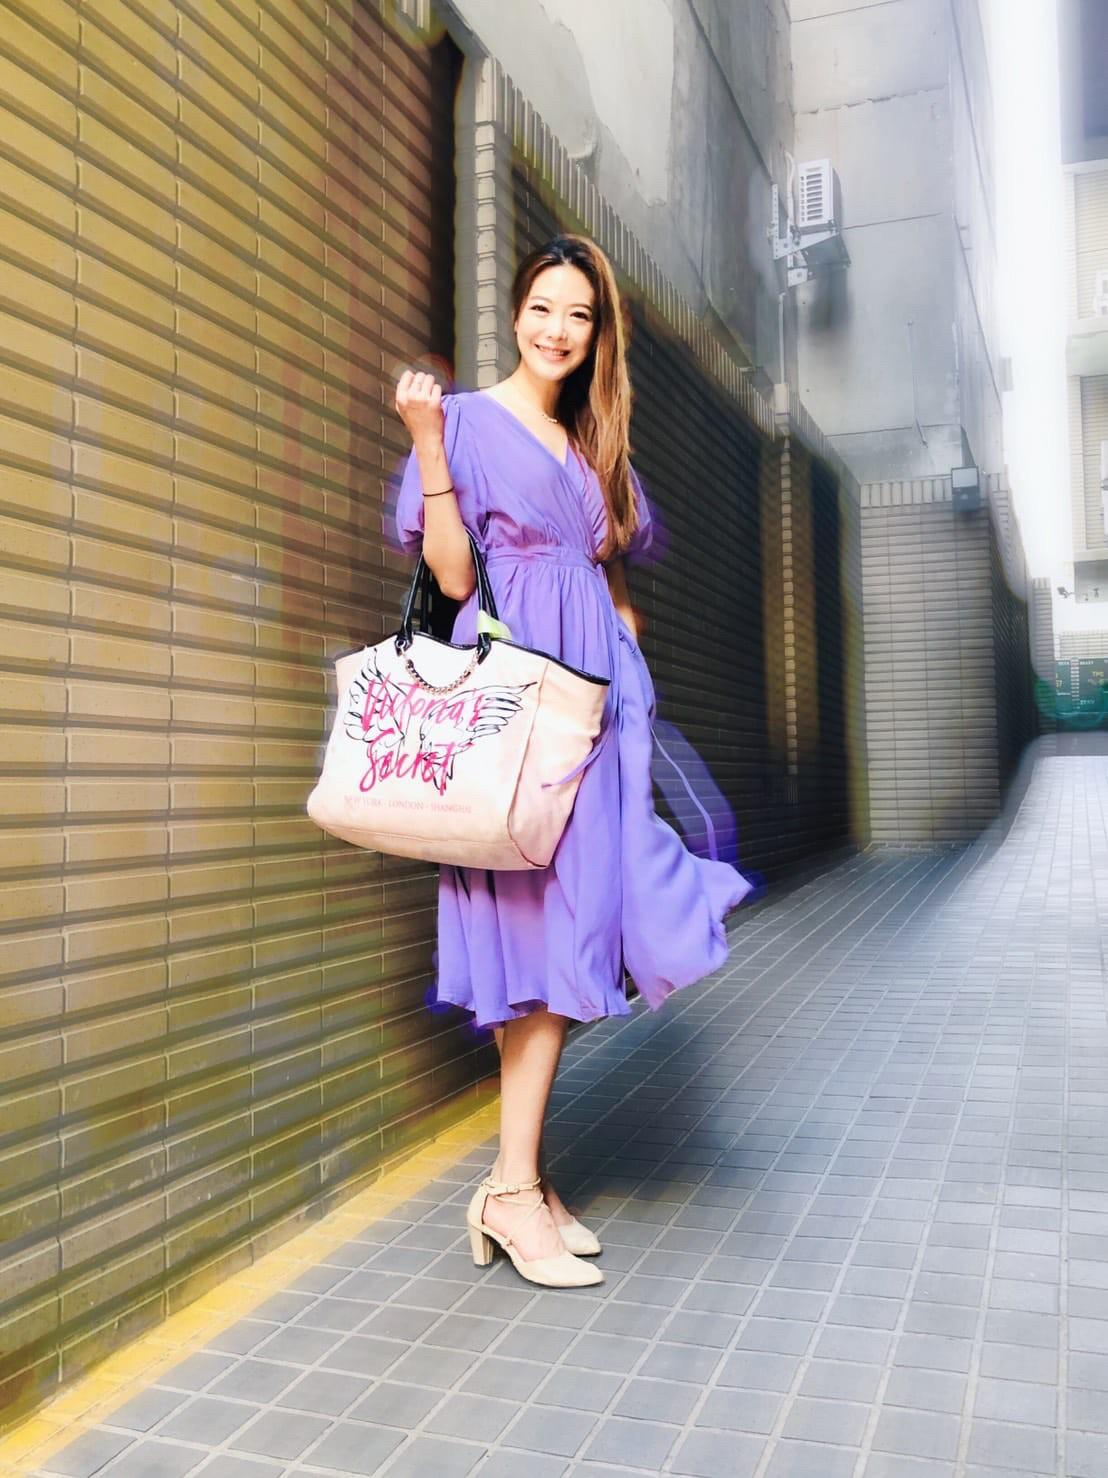 ▲姚采穎認為,工作得裝鞋子、化妝品,因此使用大包包比較方便。